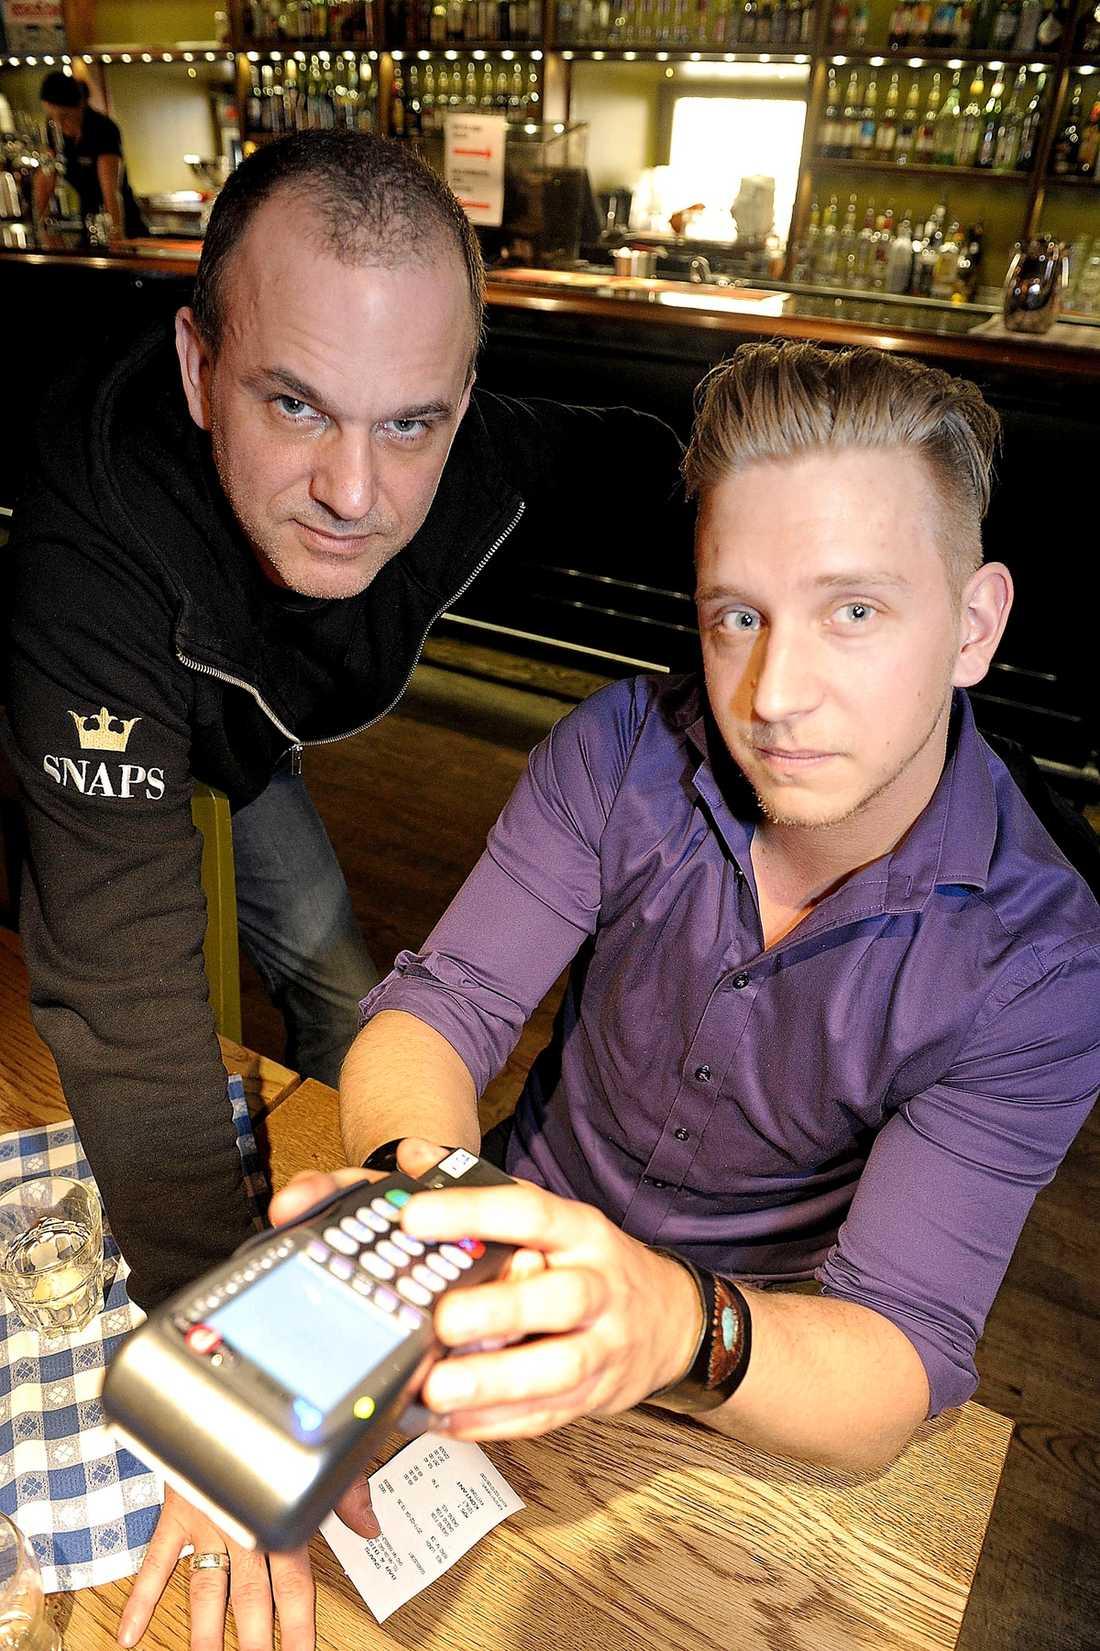 """kortslutning Pascal Lund tar betalt av Christian Nielsen på restaurang Snaps i Stockholm. """"Jag är stammis här så jag kan langa in kortet i baren på kvällarna. Annars är det kontanter som gäller. Betalar man med kort kan man få vänta hur länge som helst"""", säger Christian."""